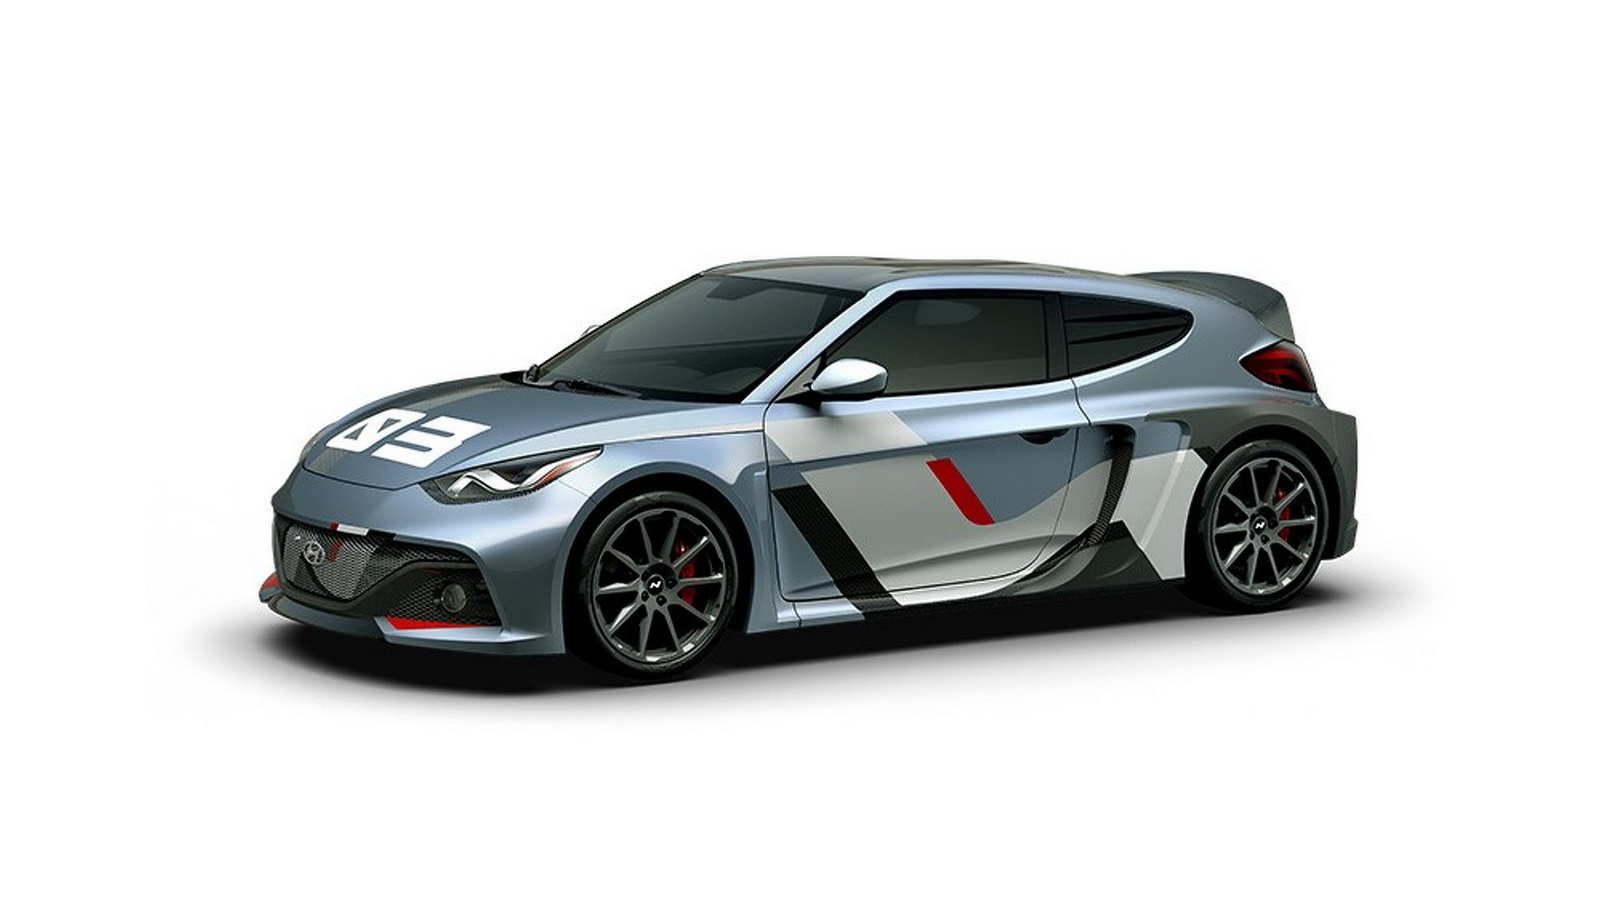 Hyundai reveals RM16 concept - Autocar India